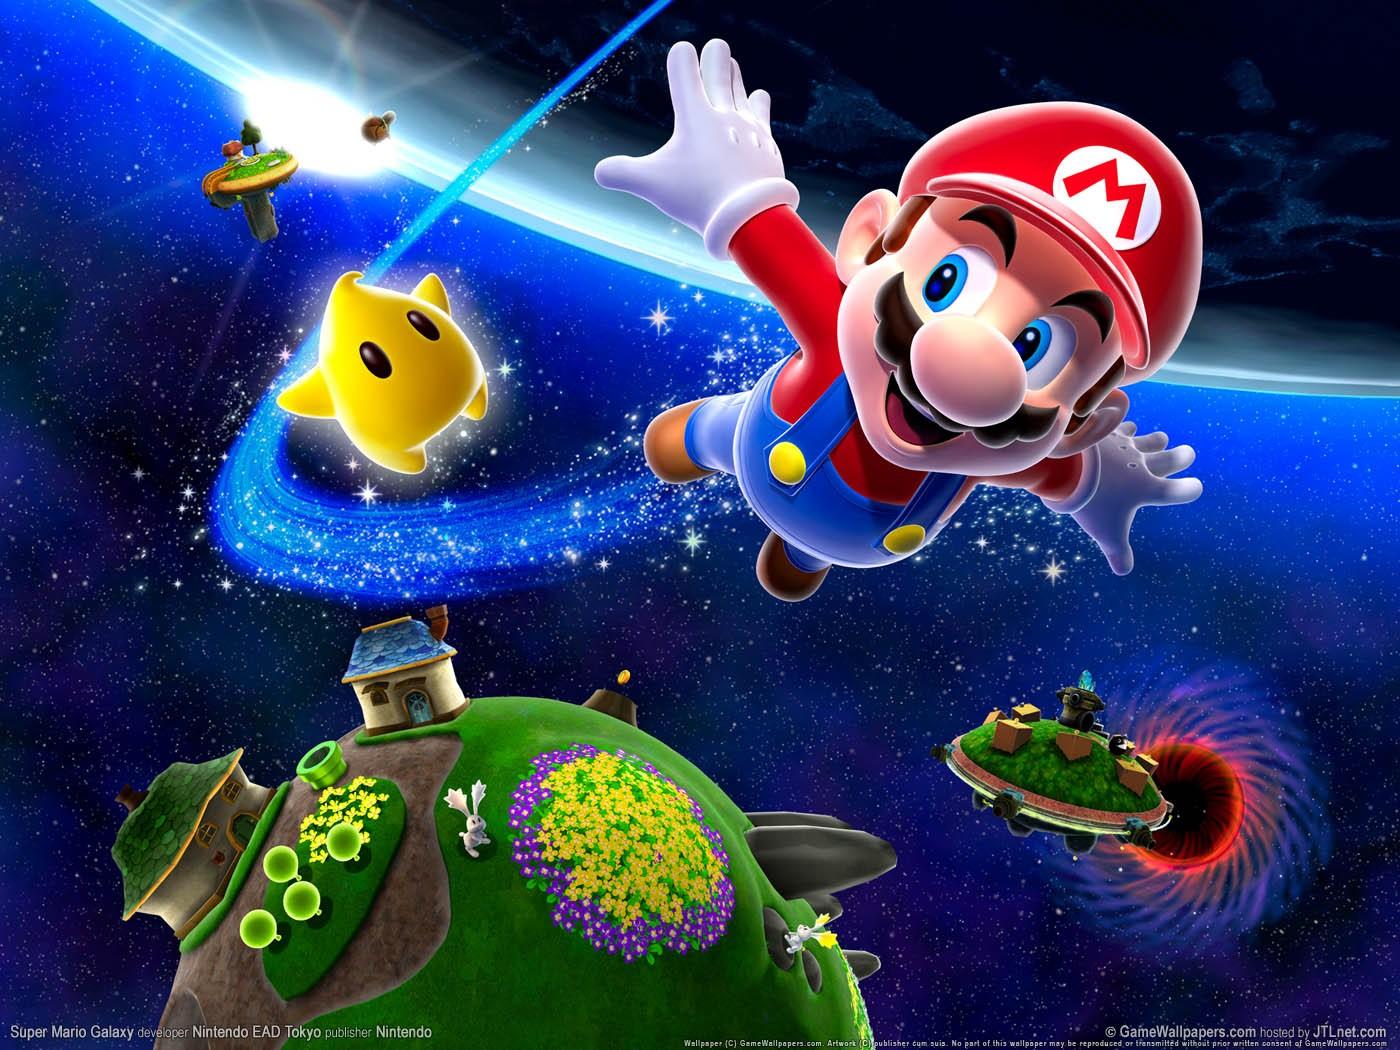 http://2.bp.blogspot.com/-5Ww0h33xh6A/ThO4qdl6QYI/AAAAAAAAAas/SxeYRSBuf20/s1600/Wallpaper+Super+Mario+-+www.brizadesign.net.jpg